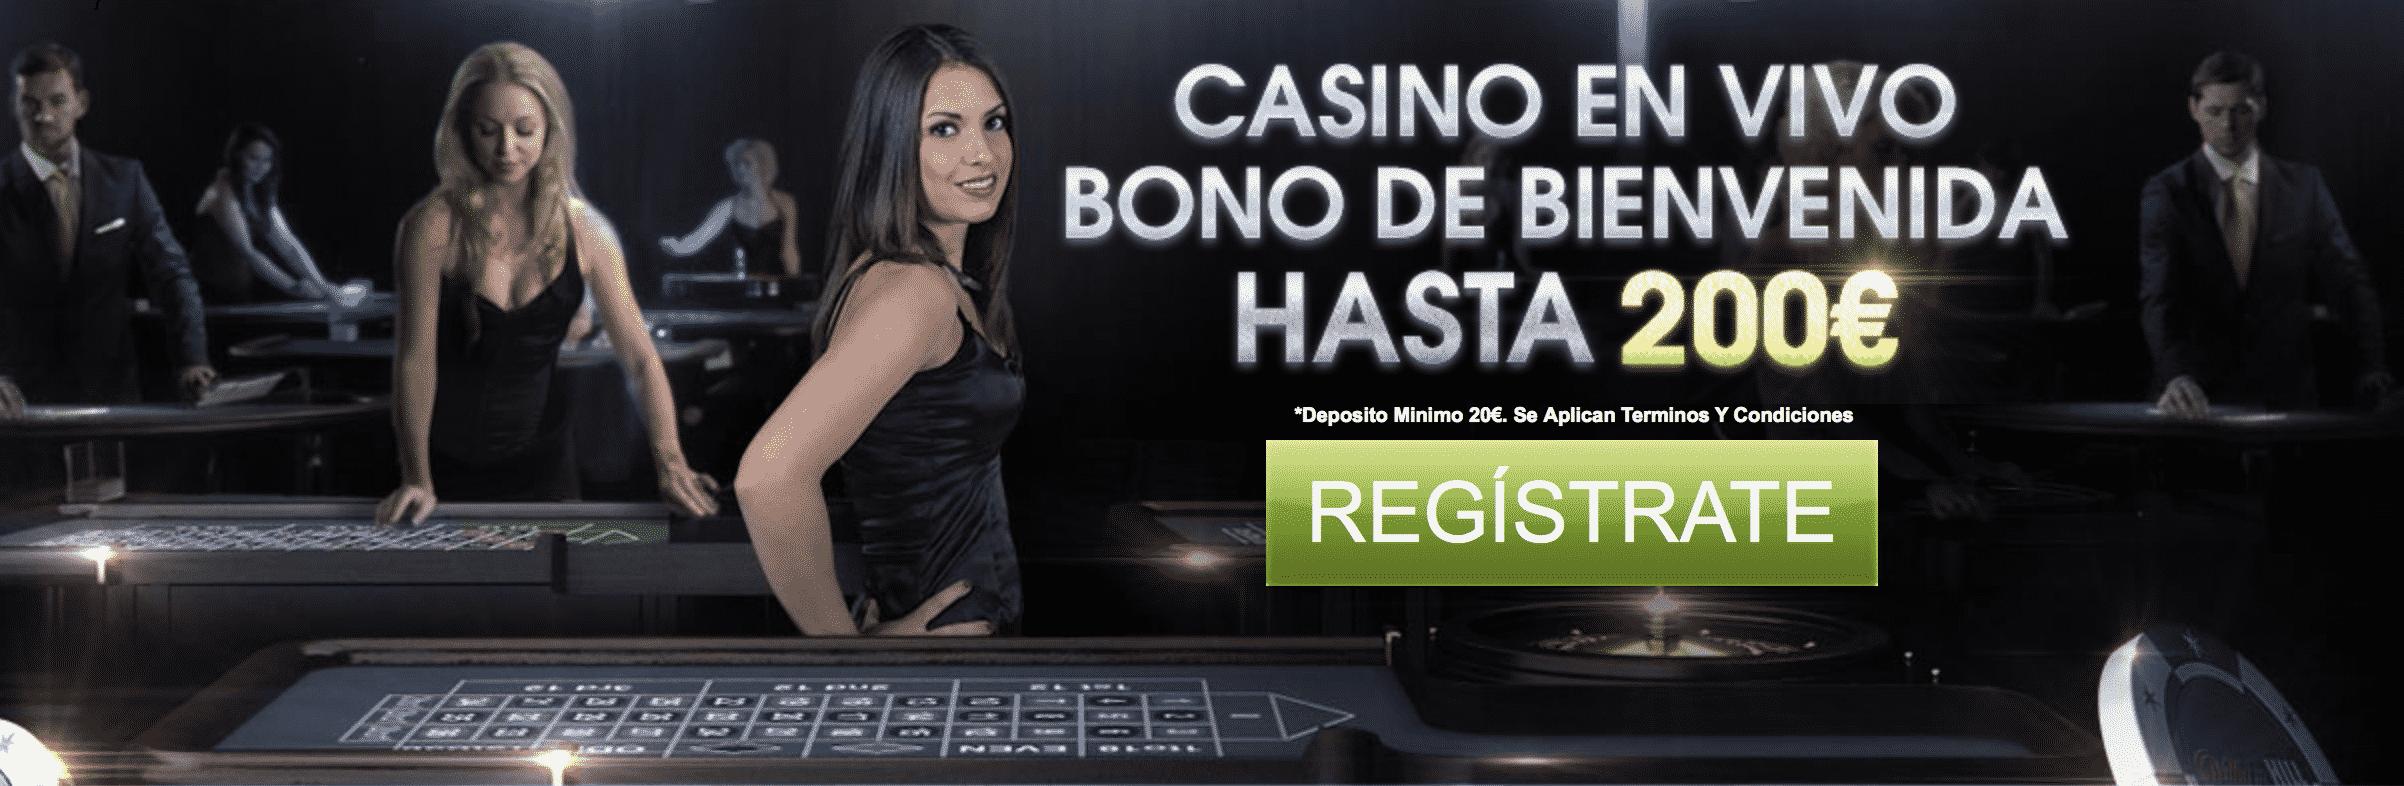 Mejores casino alternativos william hill 150-415330